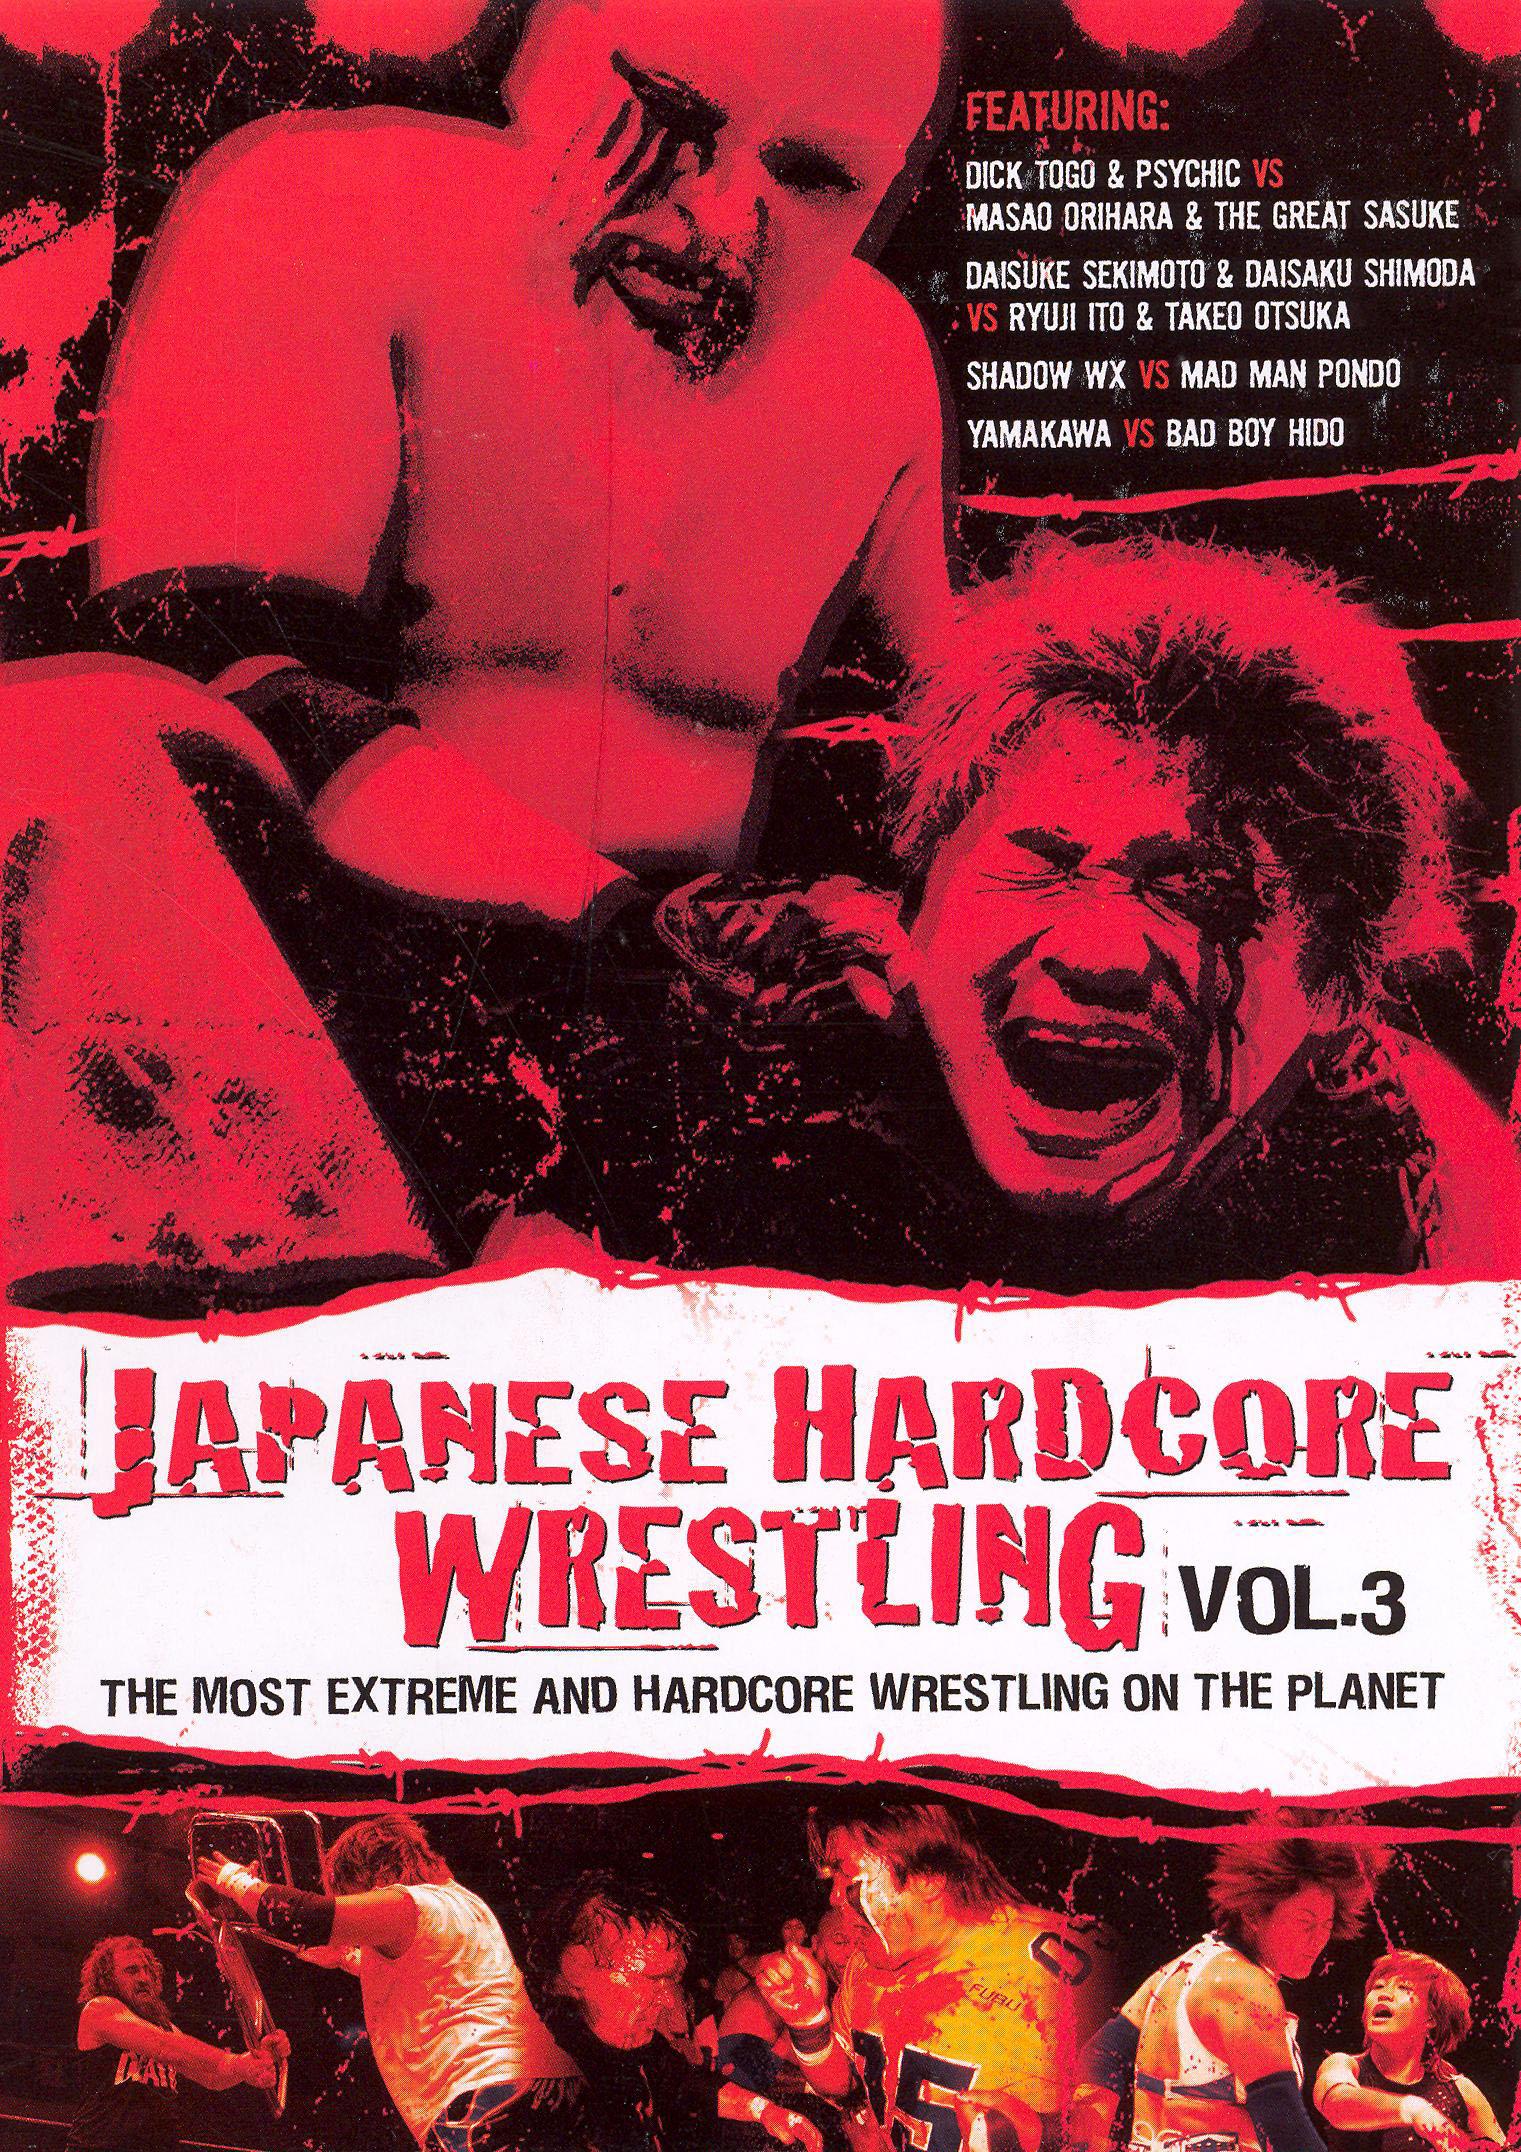 Japanese Hardcore Wrestling, Vol. 3